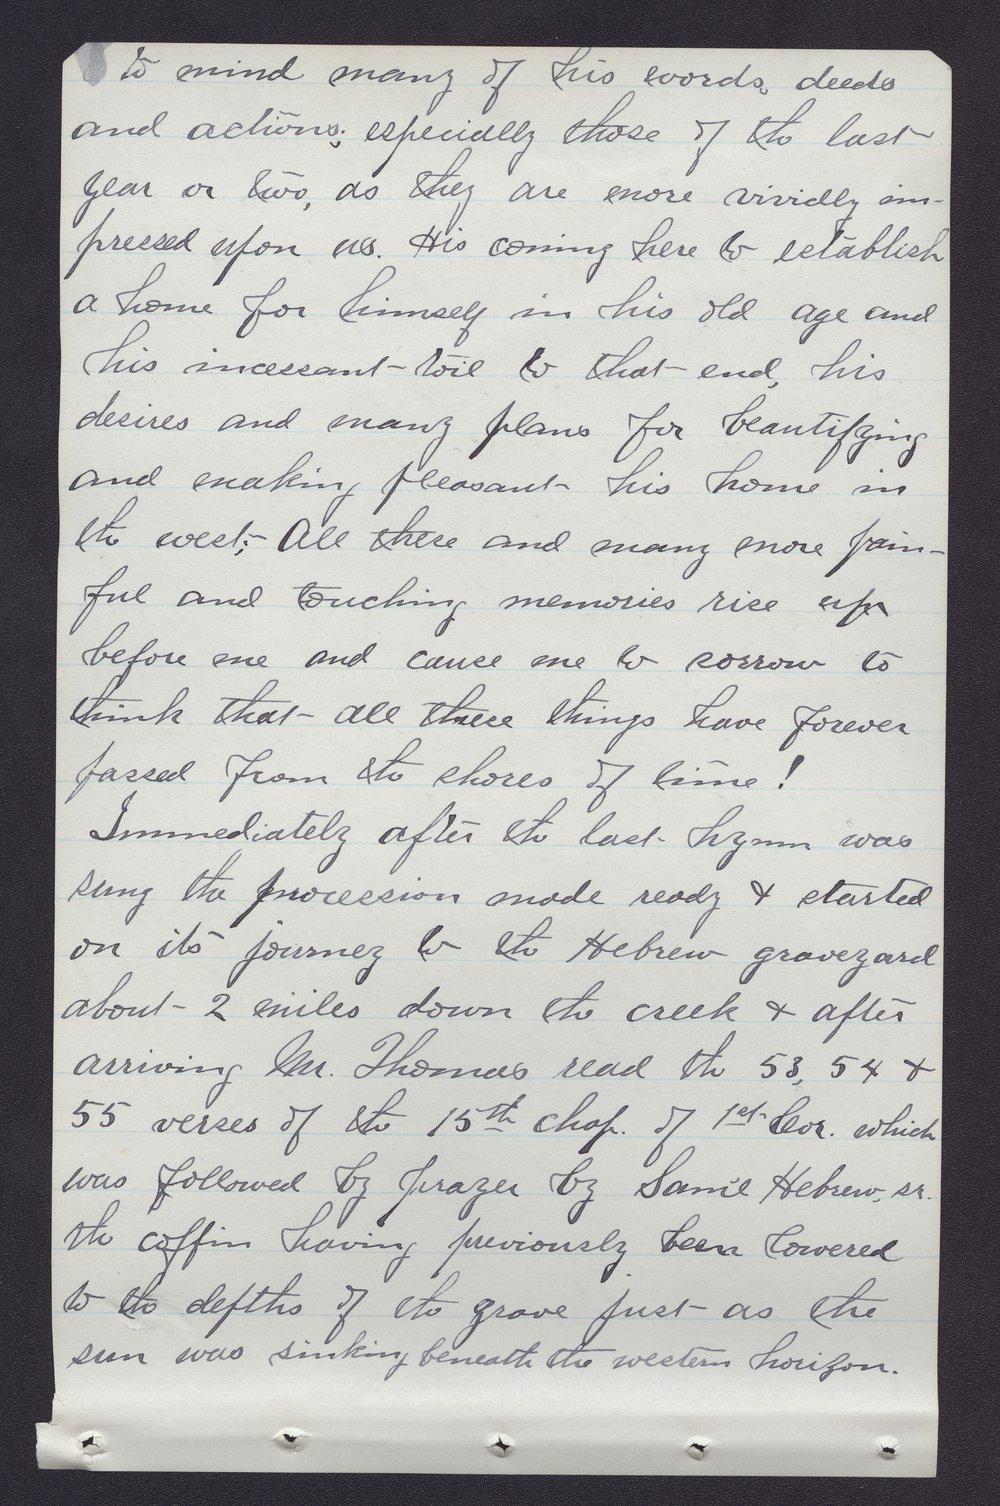 Elam Bartholomew diary - Jan 4, 1881 (4)